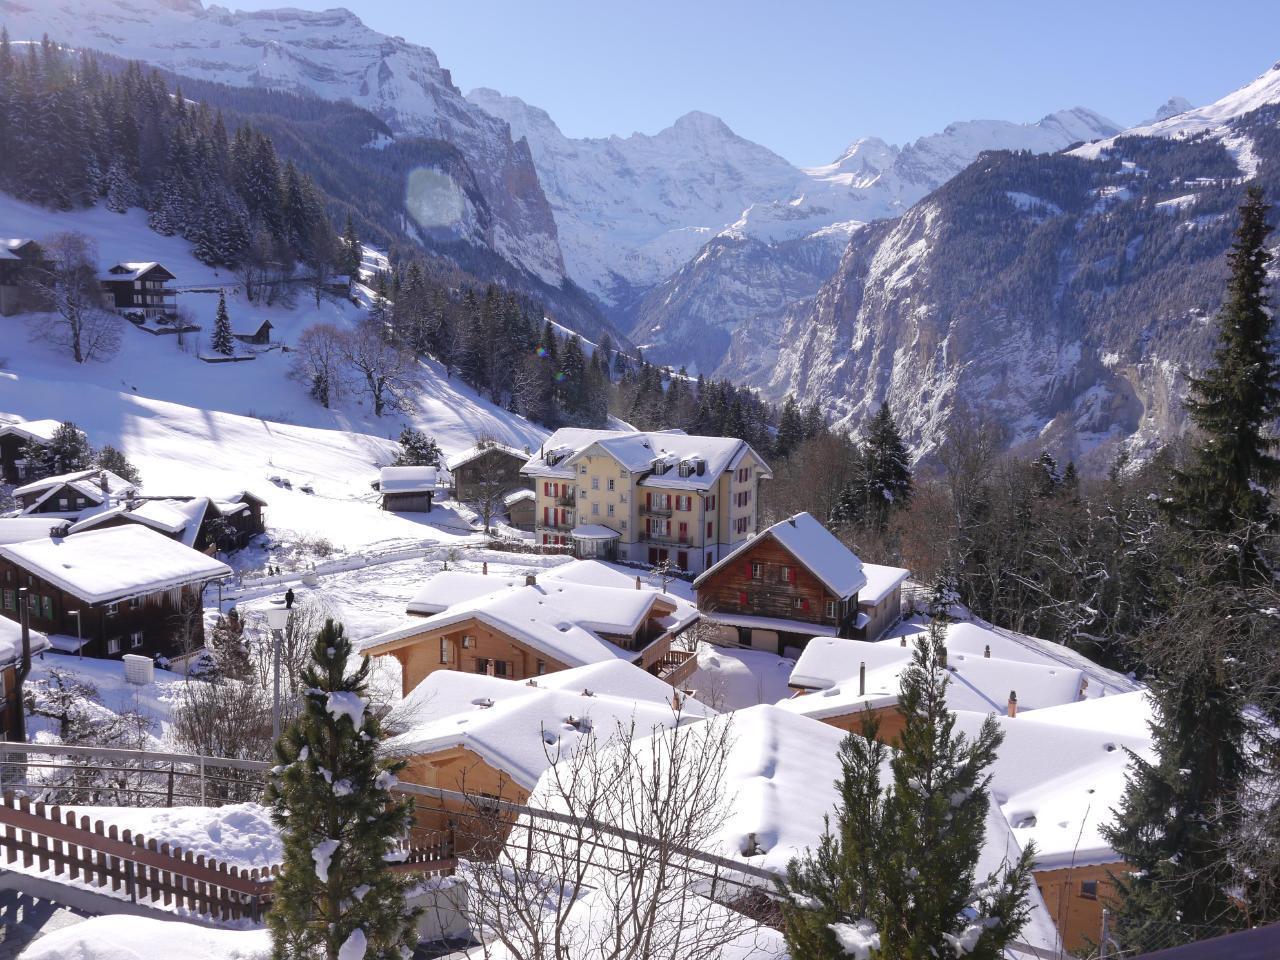 Appartement de vacances Birkli 2, 2 Bett Wohnung (2691724), Wengen, Région de la Jungfrau, Oberland bernois, Suisse, image 21